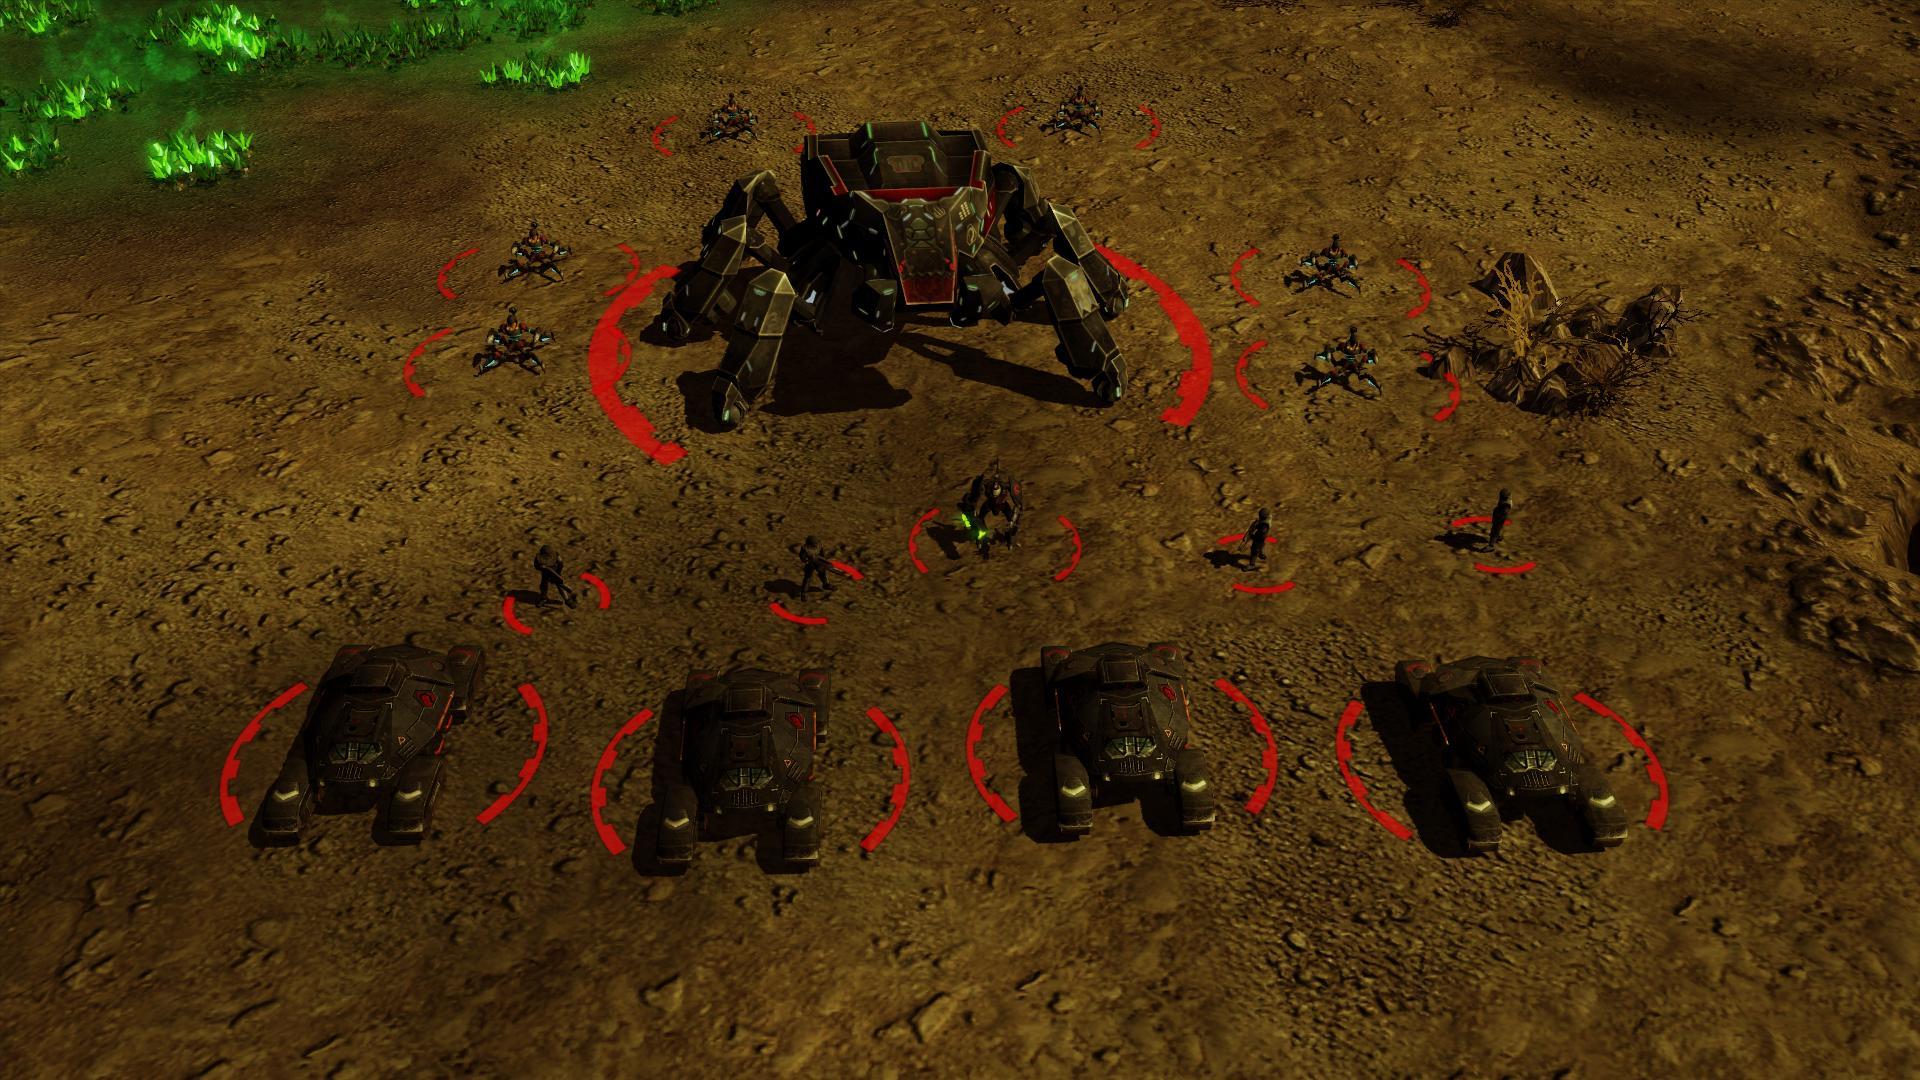 cnc3game_2020-11-30_20-08-57-23.jpg